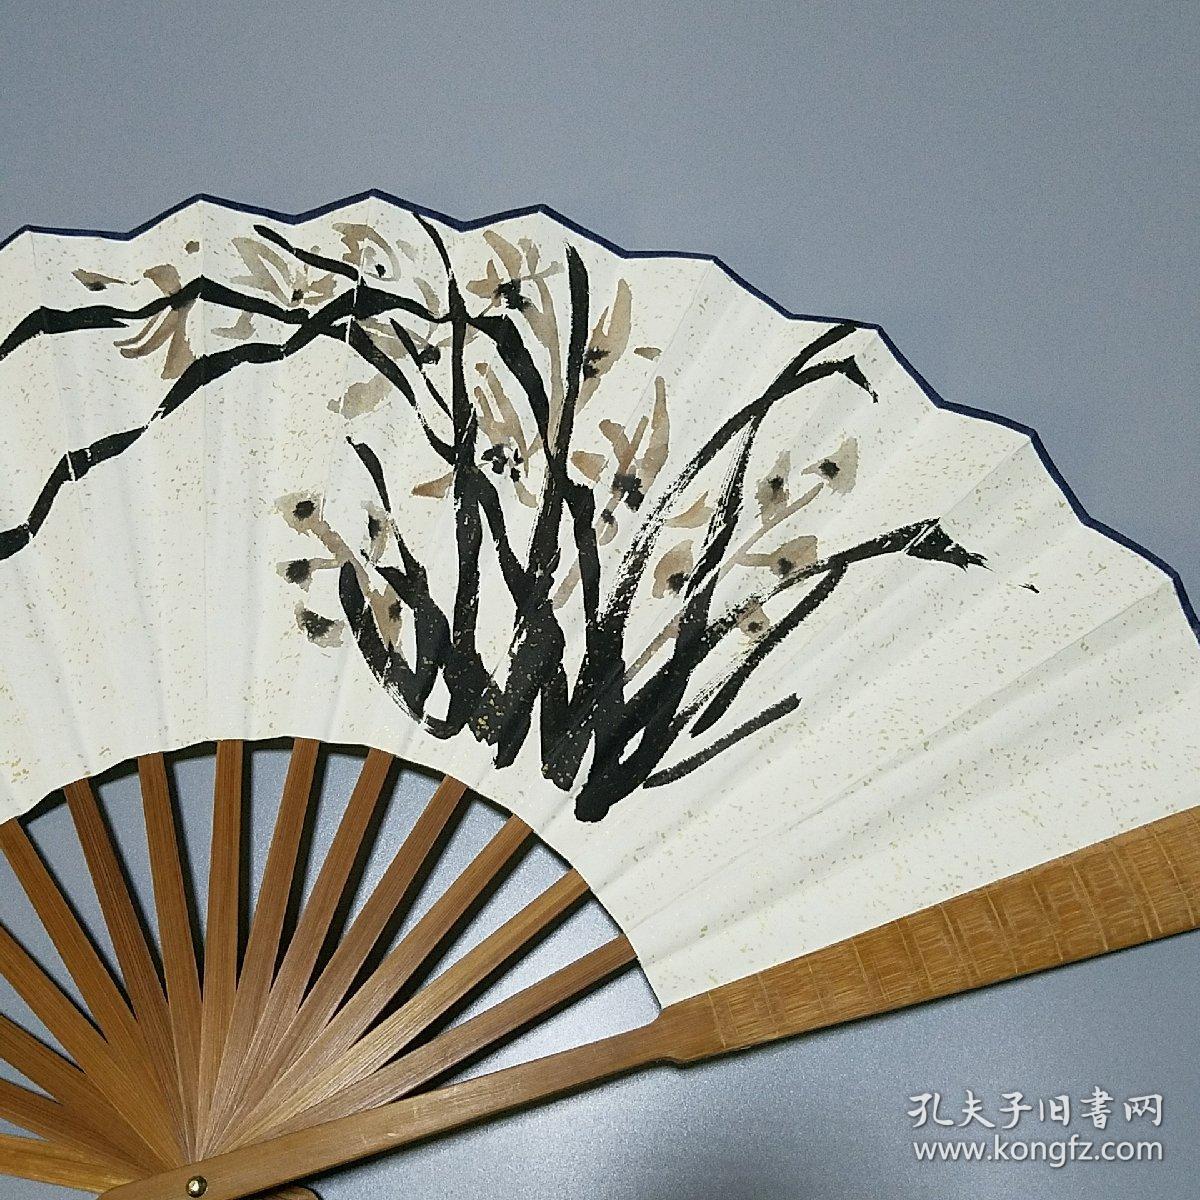 安徽萧县著名画家 郑正绘画扇子一把图片